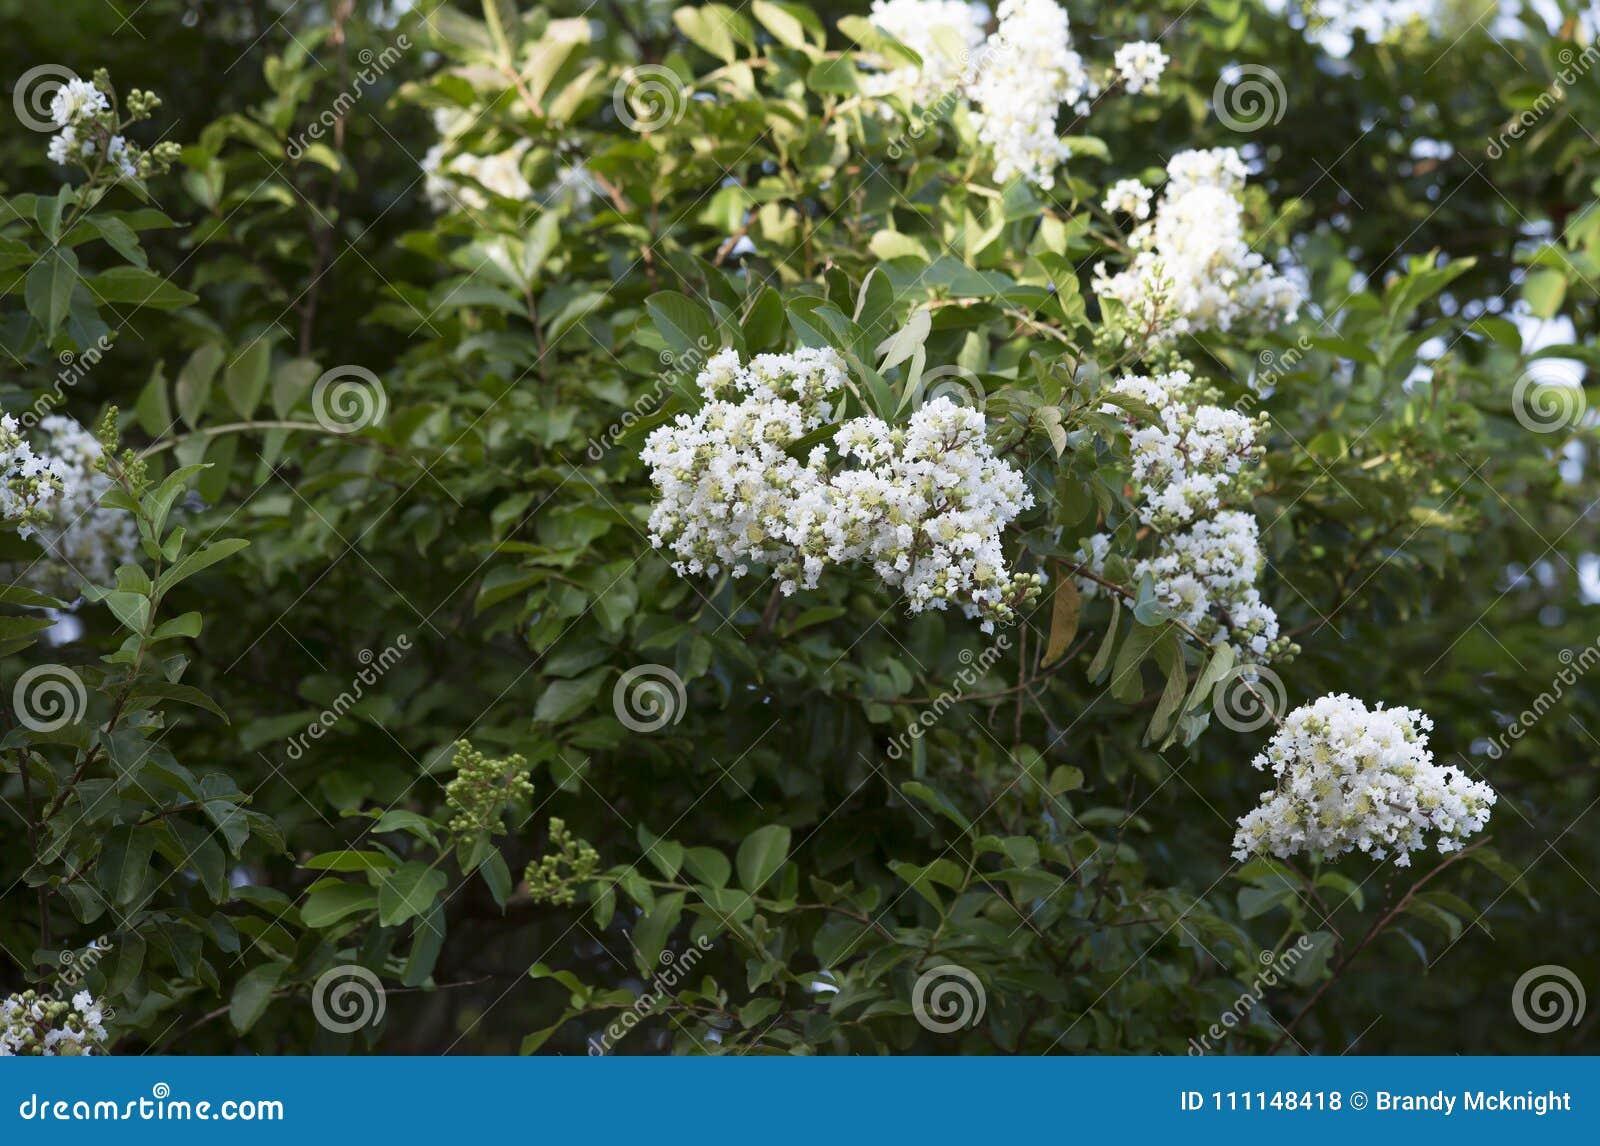 Blooming Crepe Myrtle